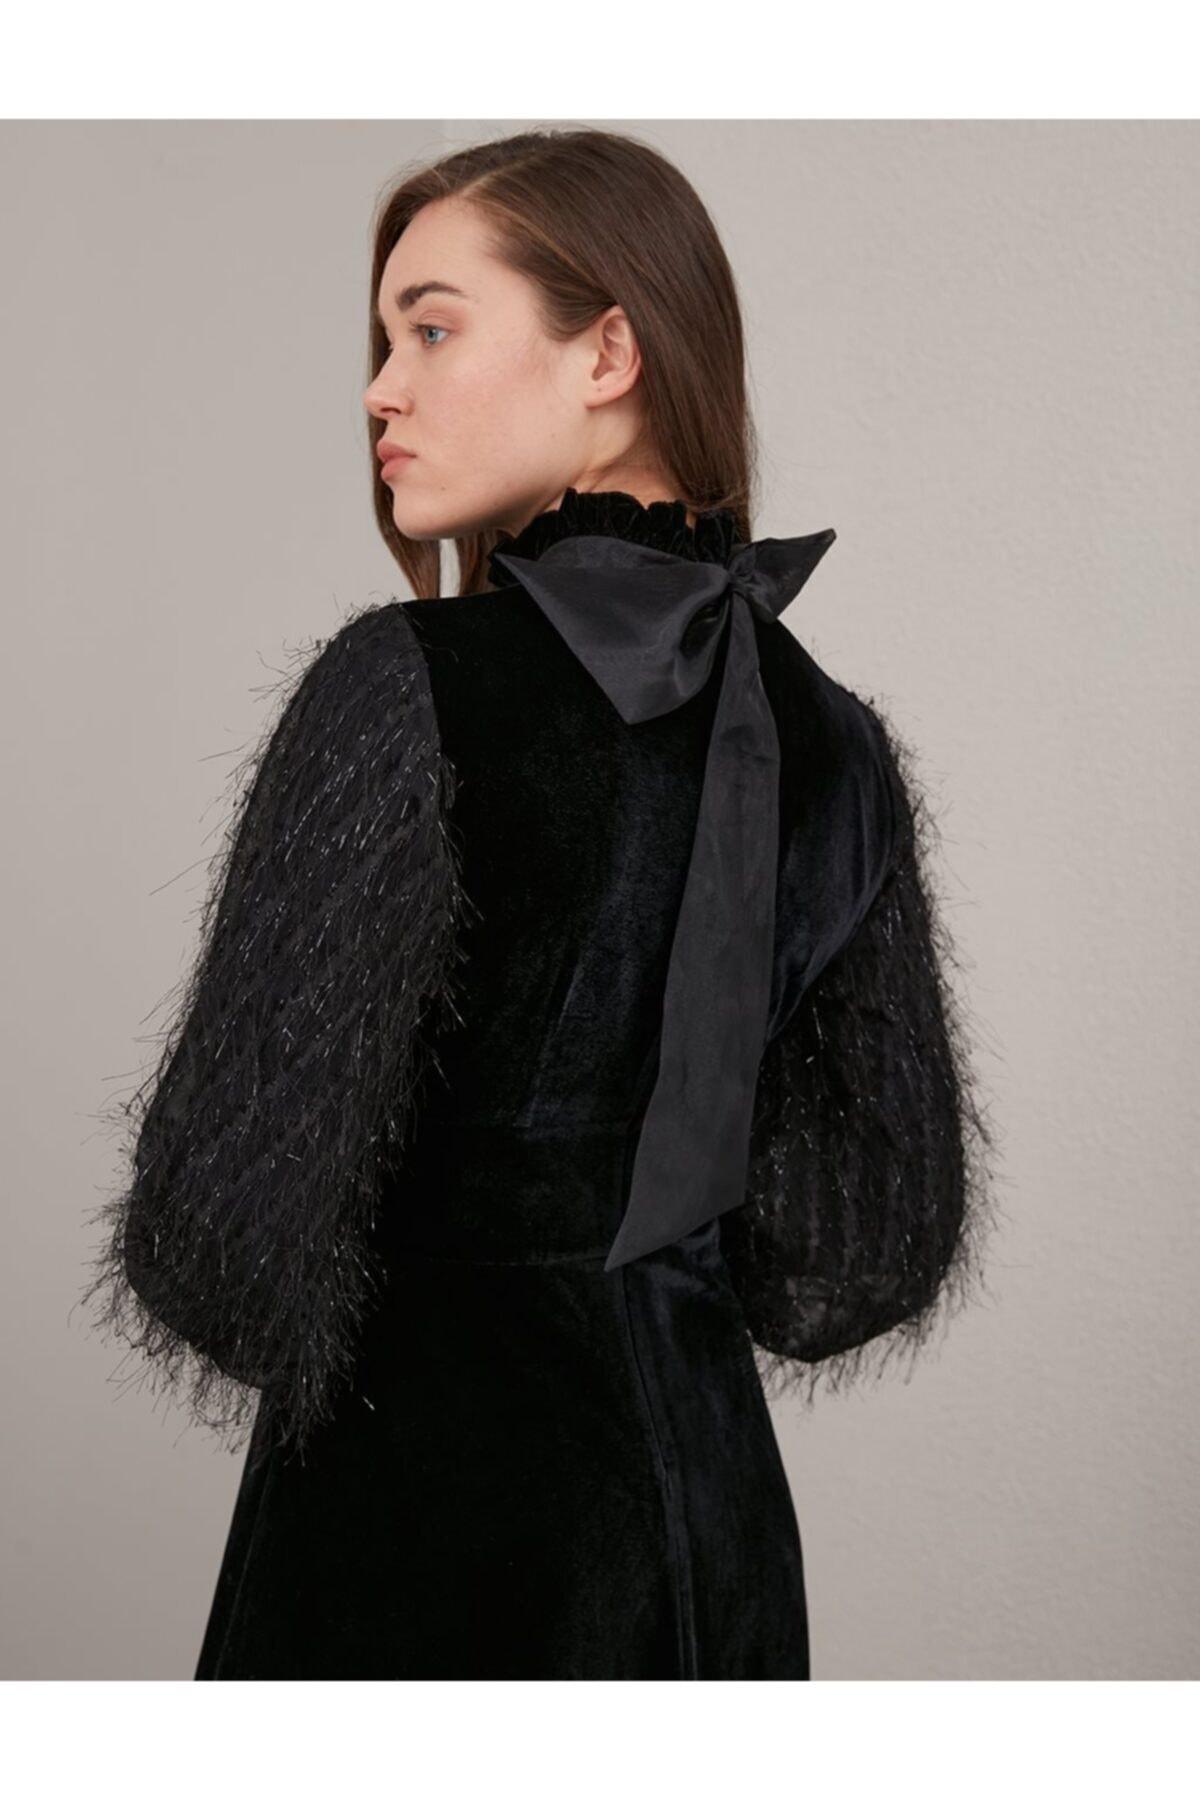 Kayra Kolları Tüylü Kadife Elbise Siyah A20 23130